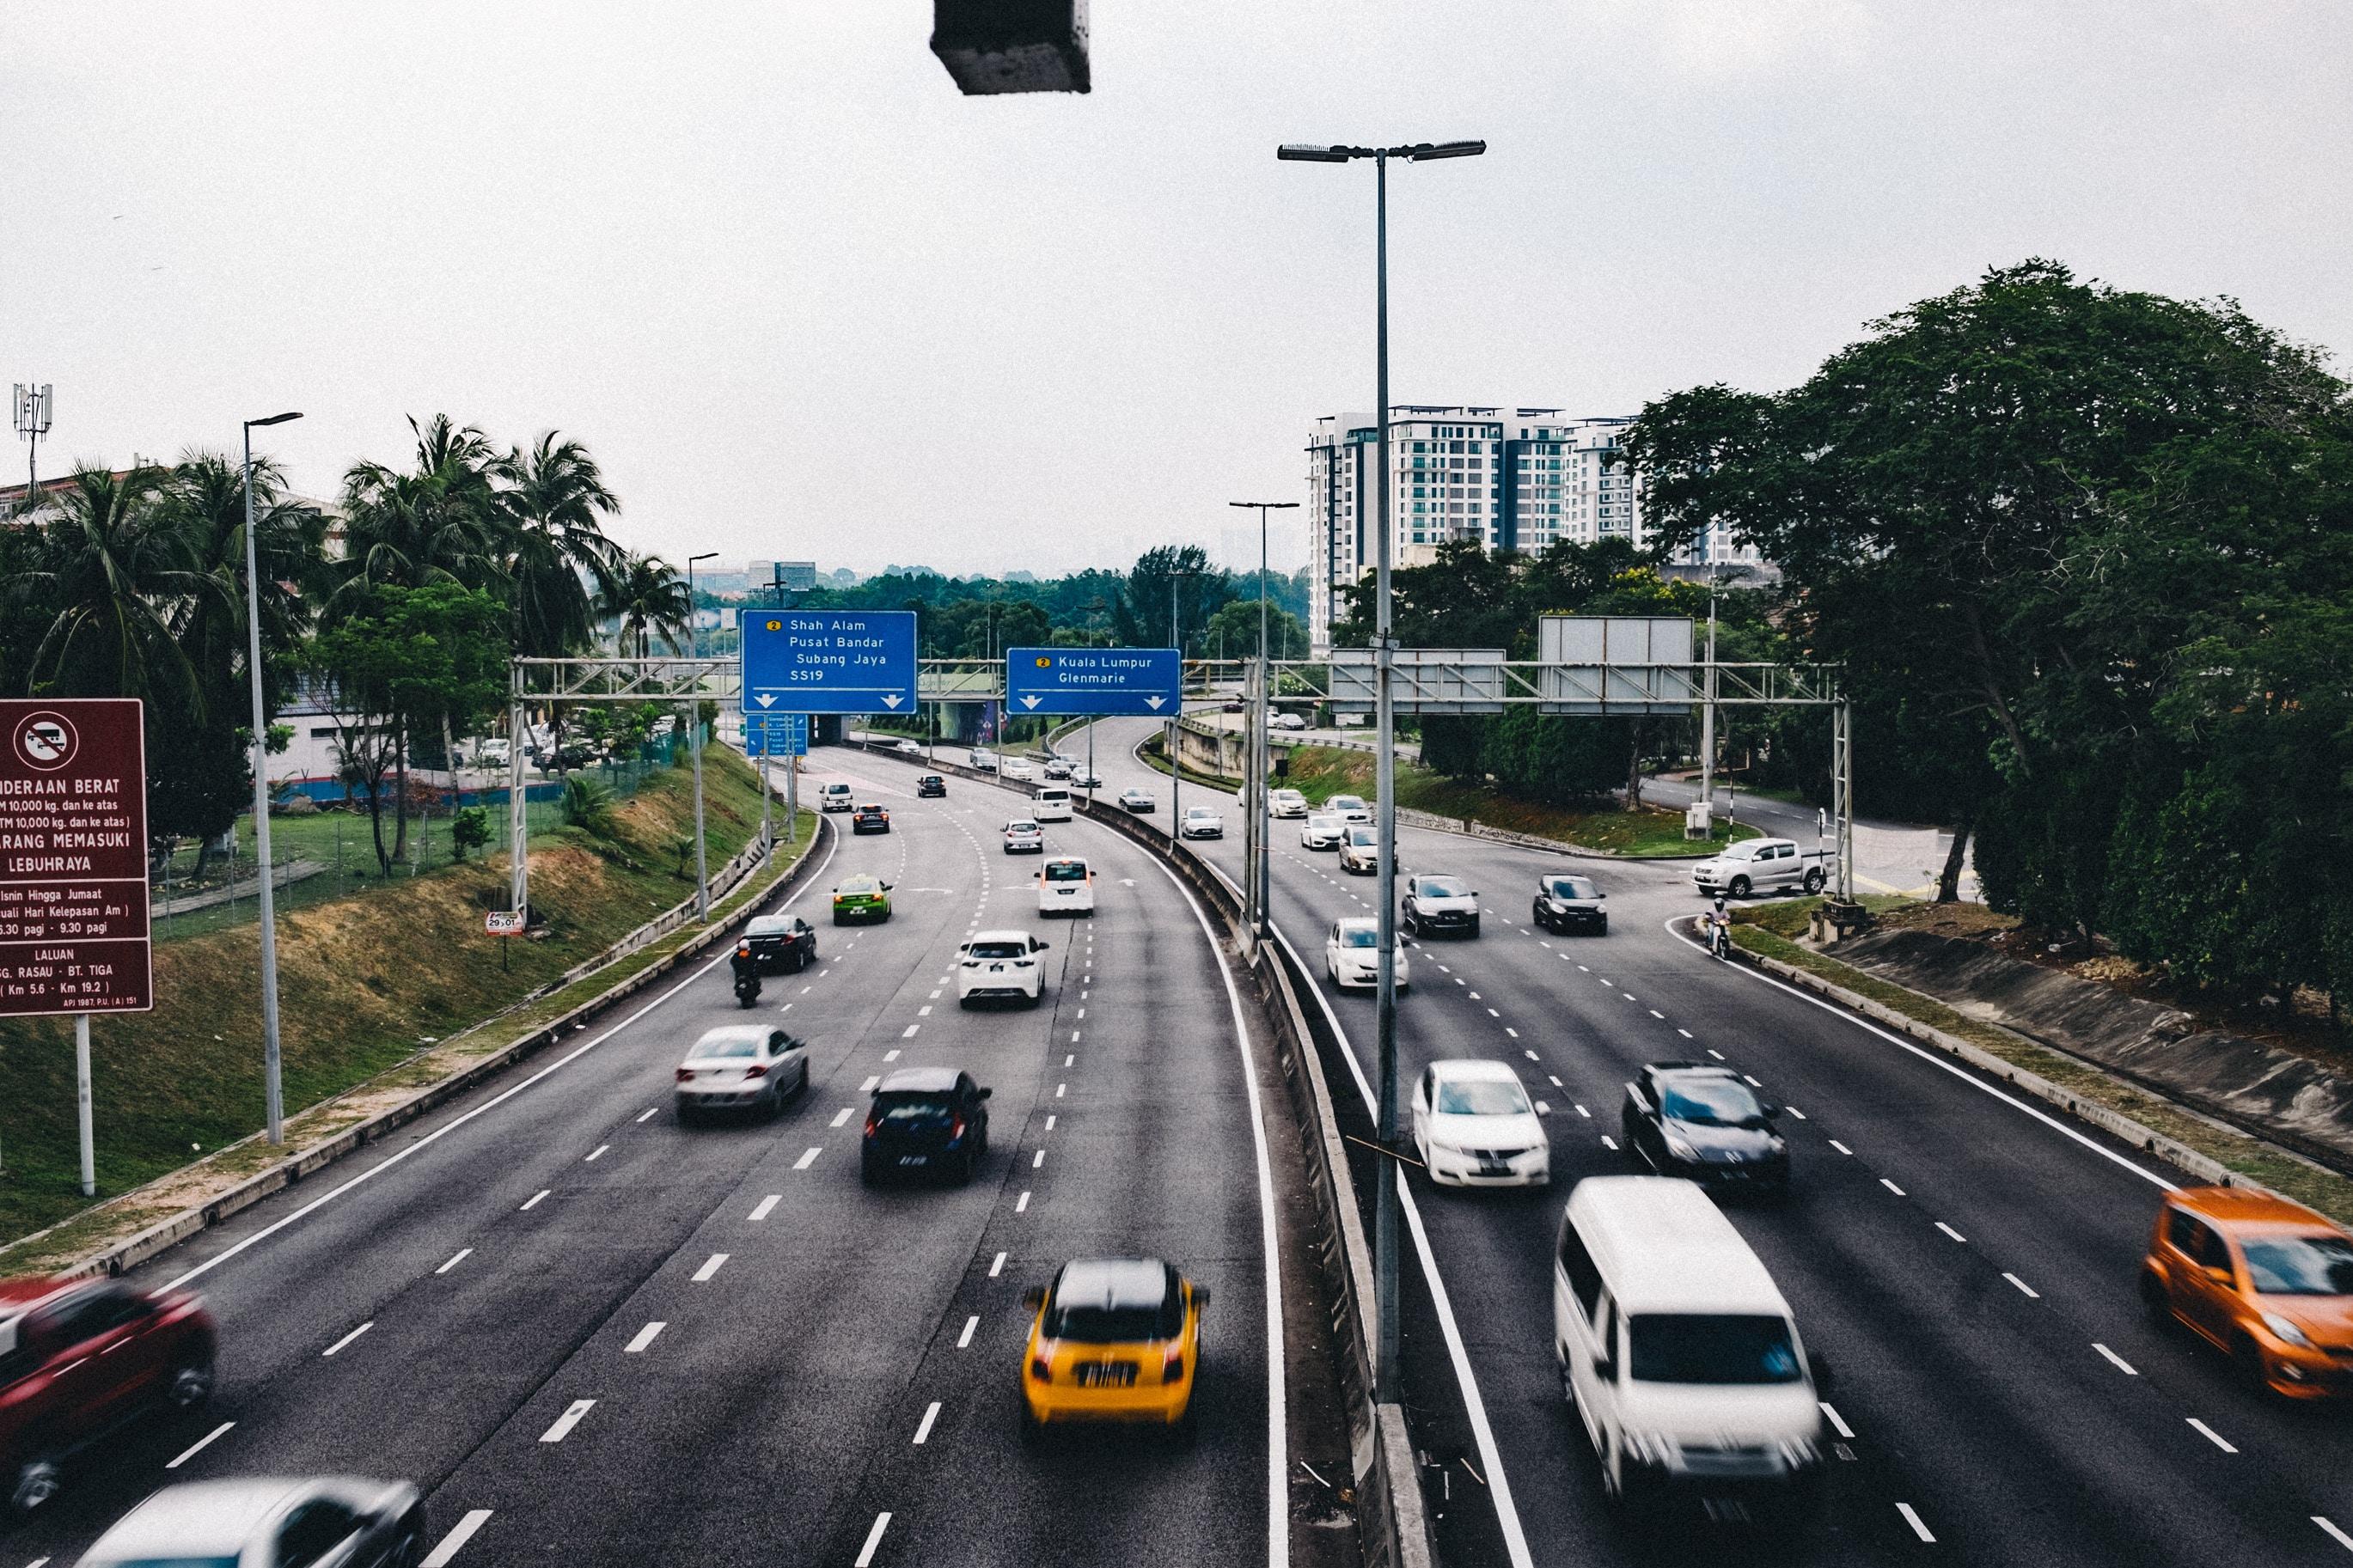 cars on black asphalt road during day time